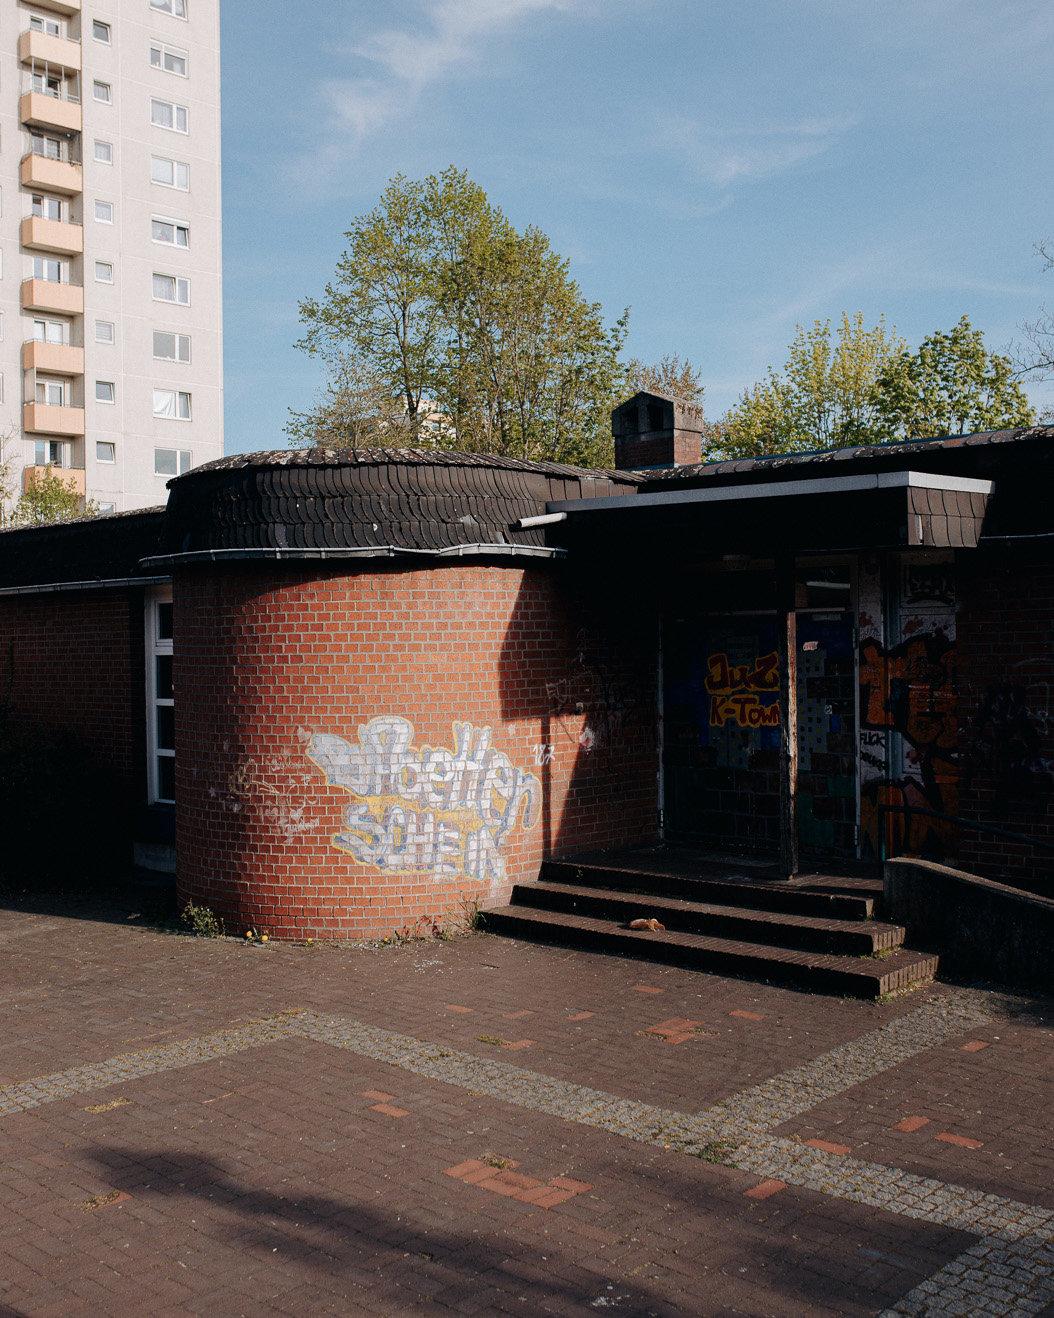 Hanau, Jugendzentrum, Anschlag, Nazis